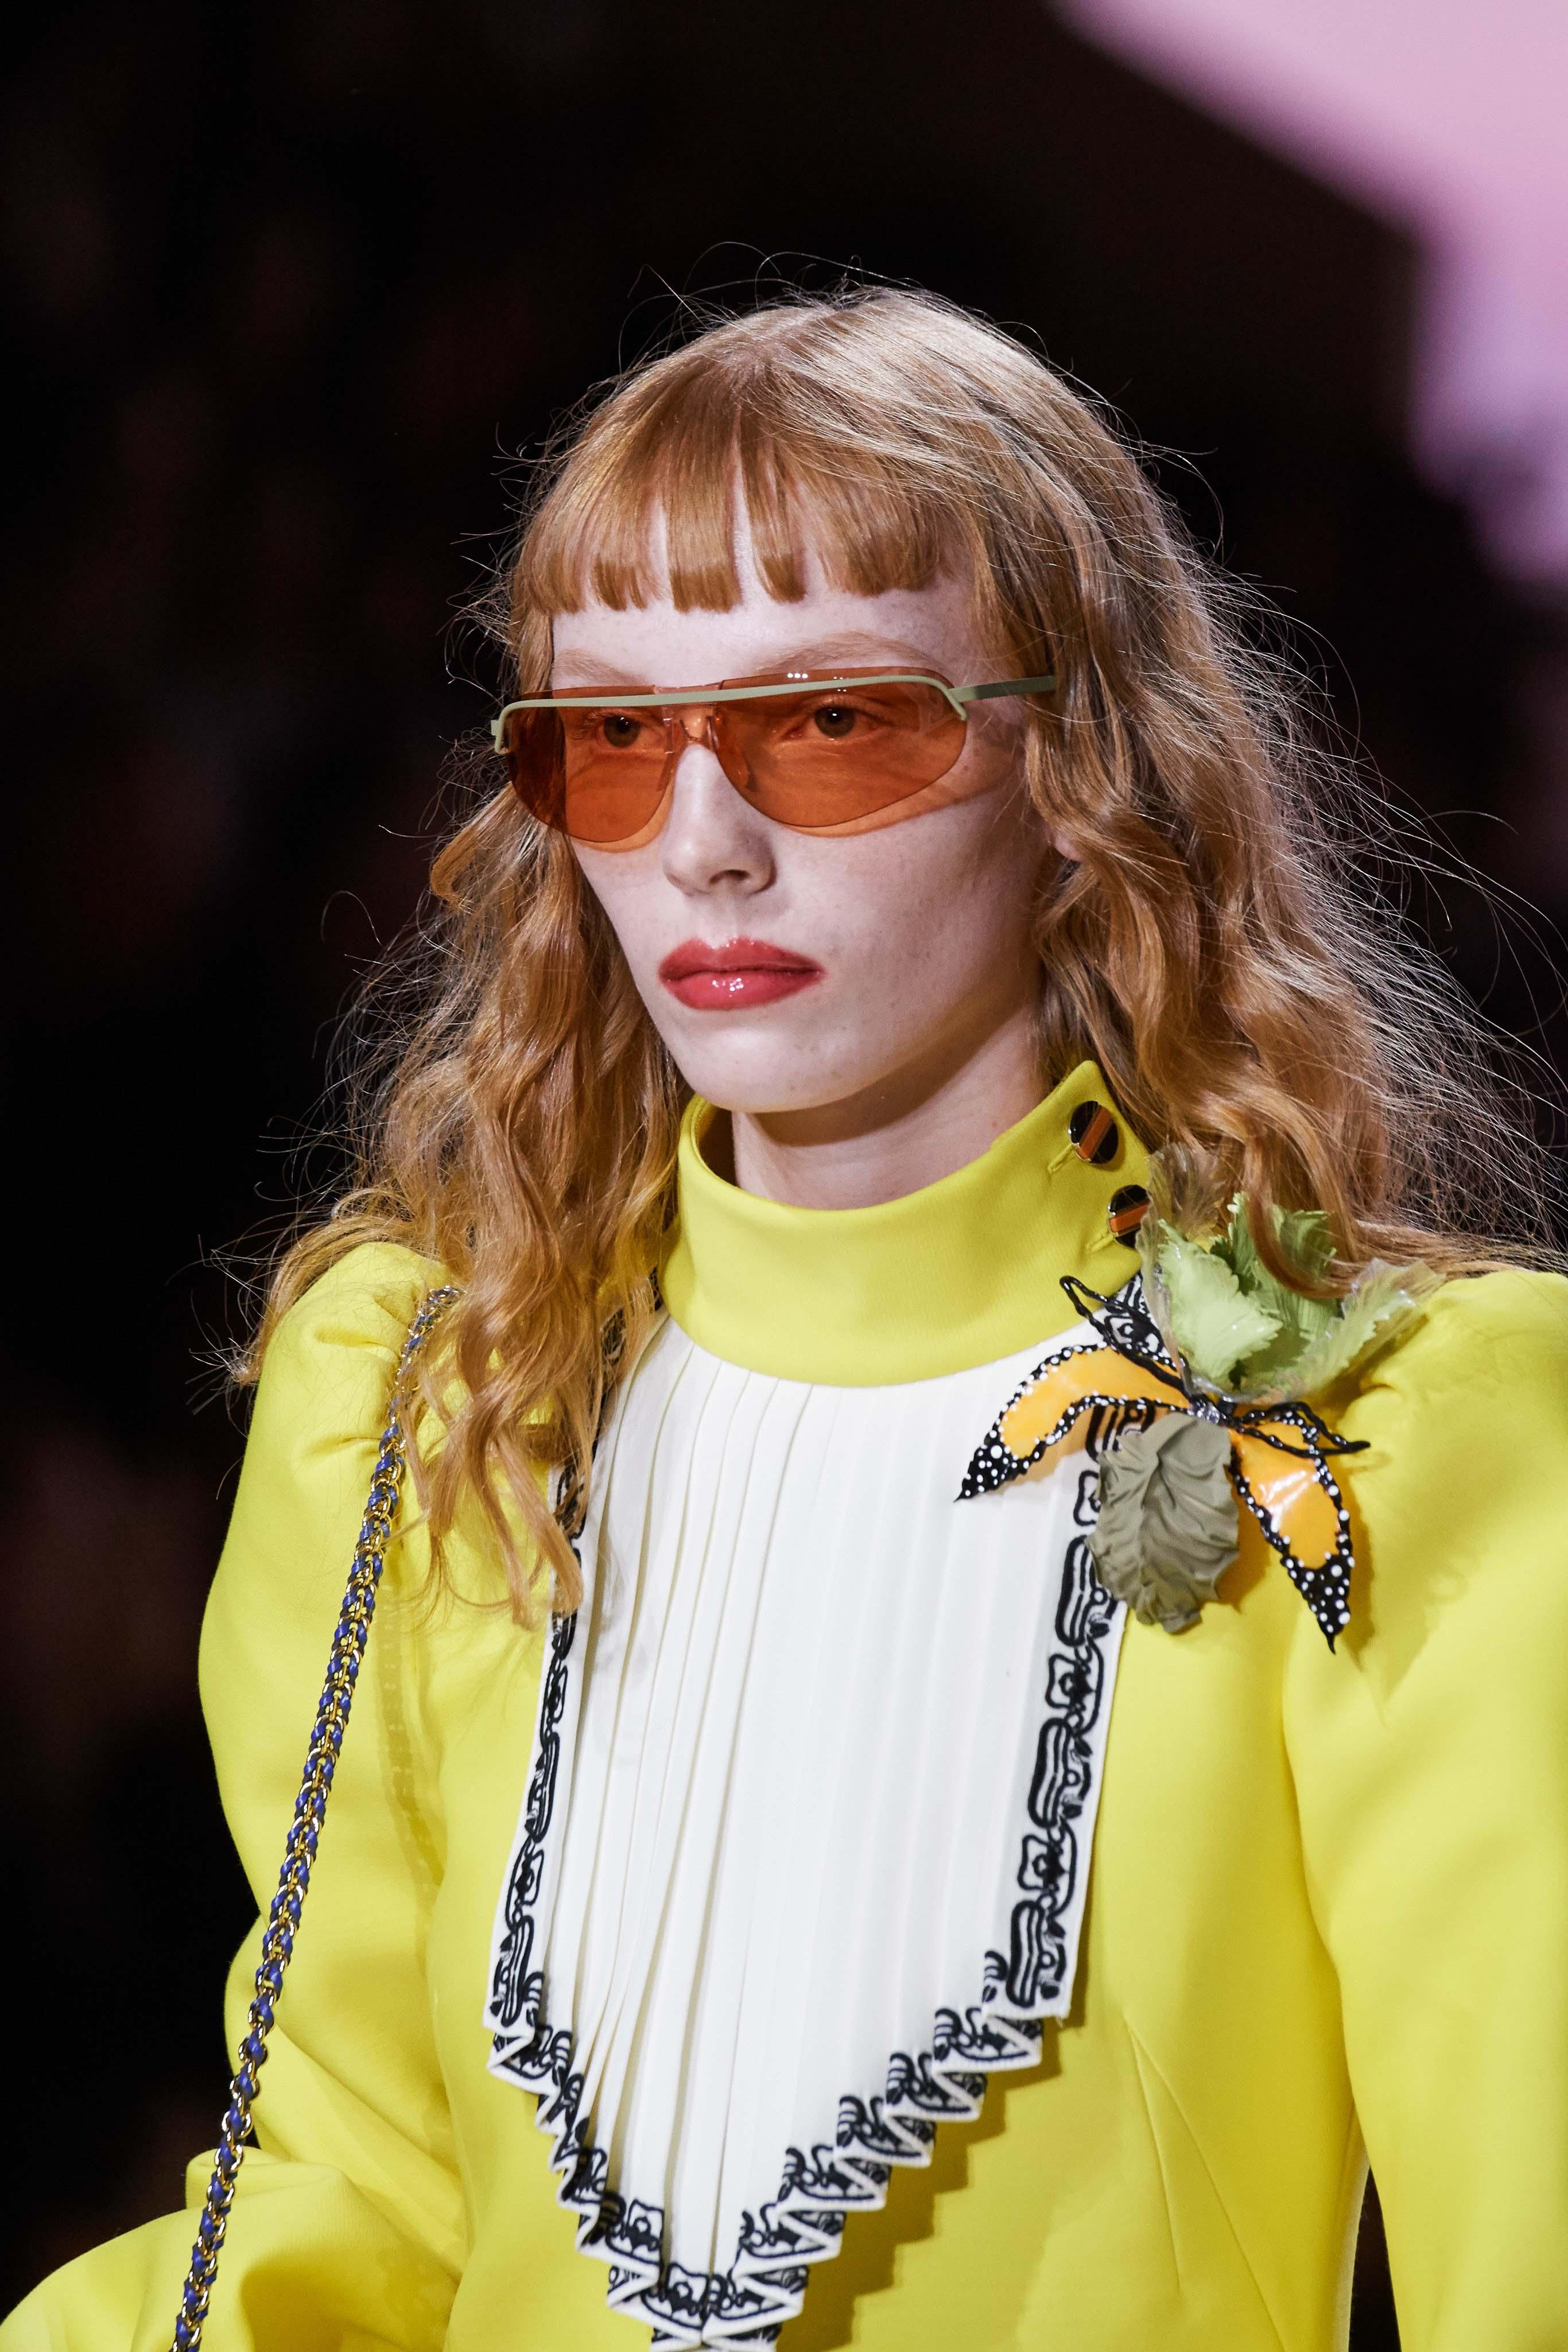 Louis Vuitton Spring Summer 2020 SS20 Vogue Runway SUNGLASSES